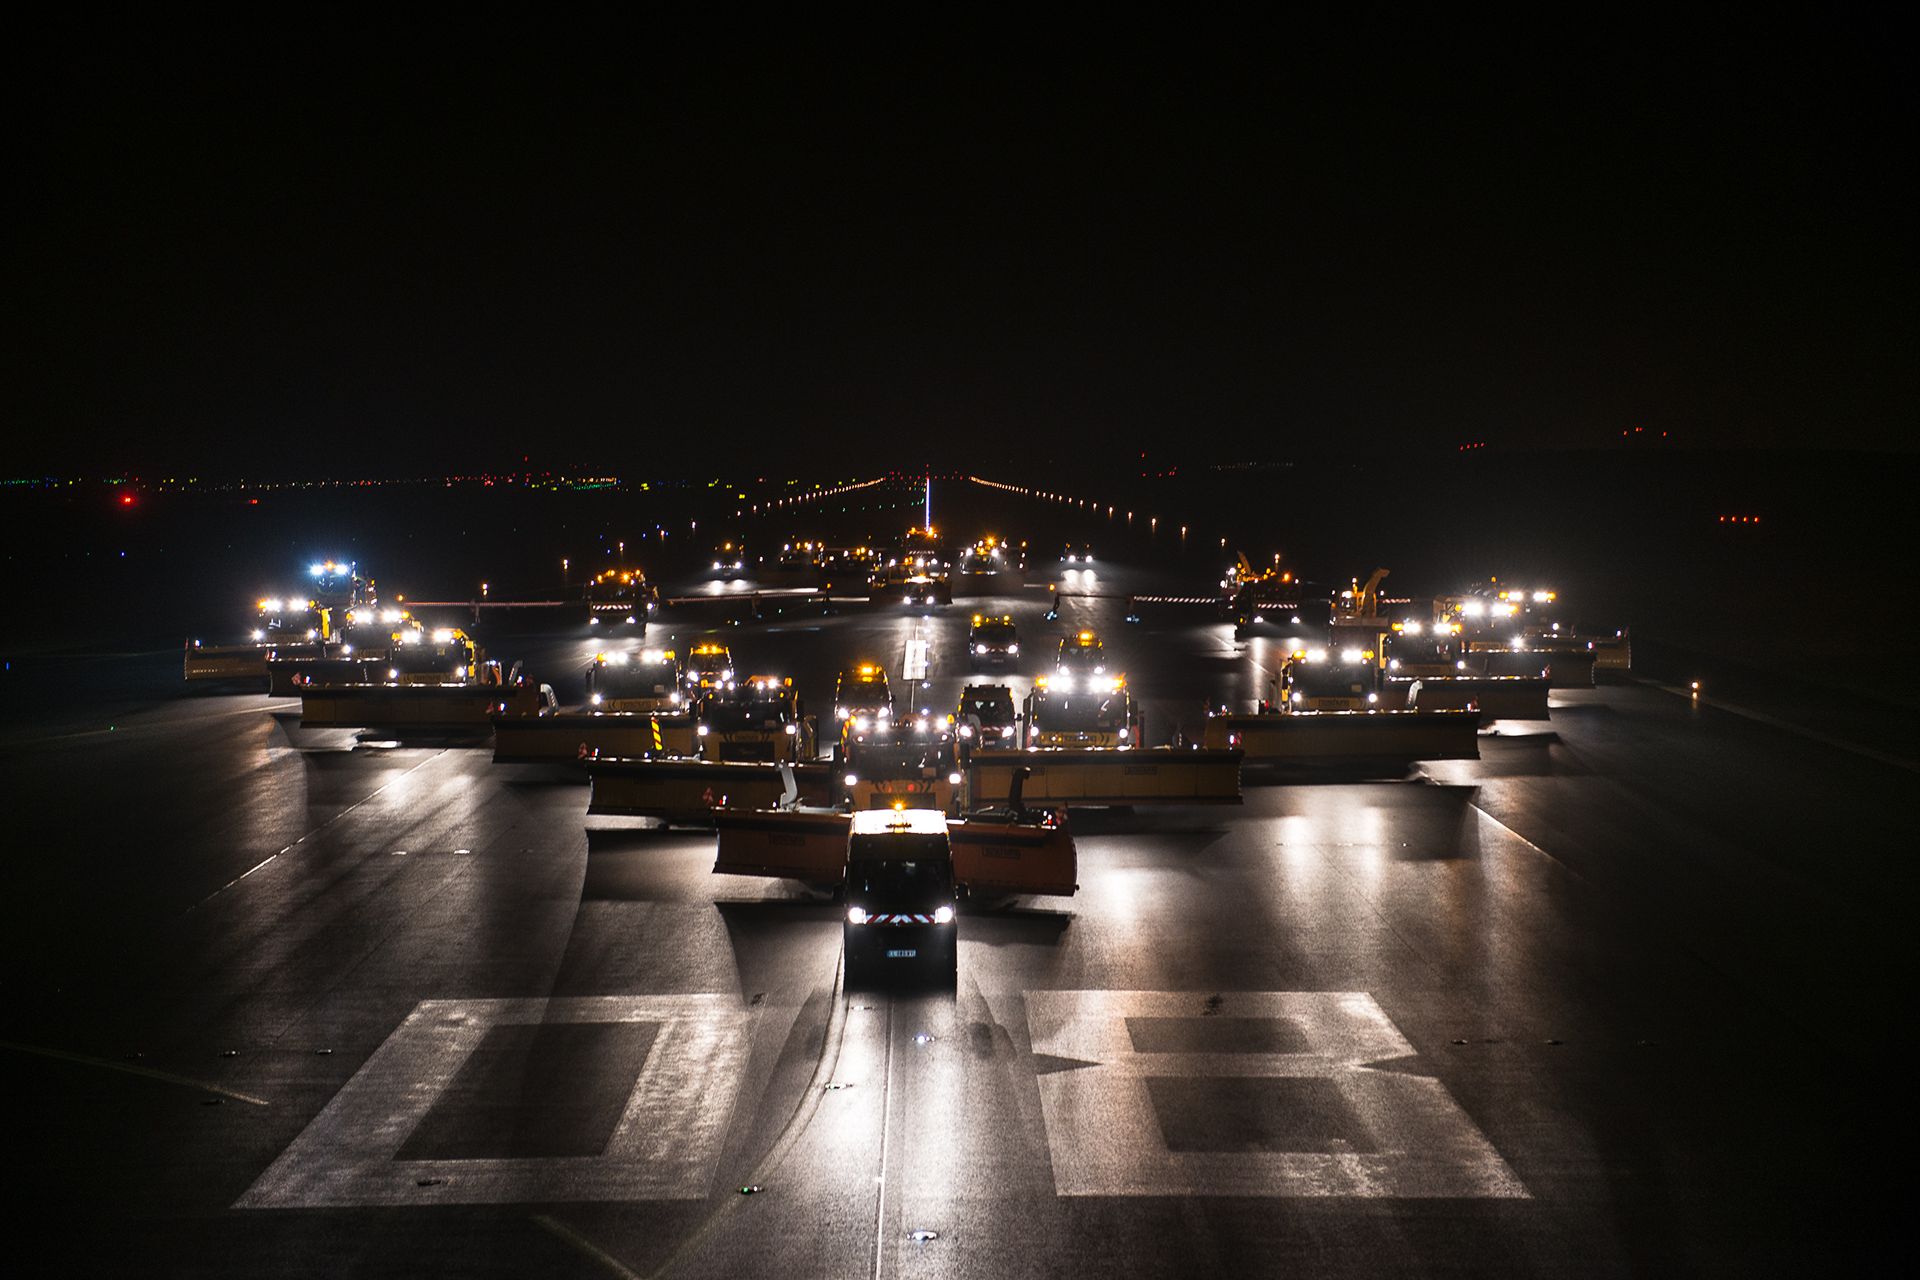 photographe-ile-de-france-photo-corporate-paris-aeroport